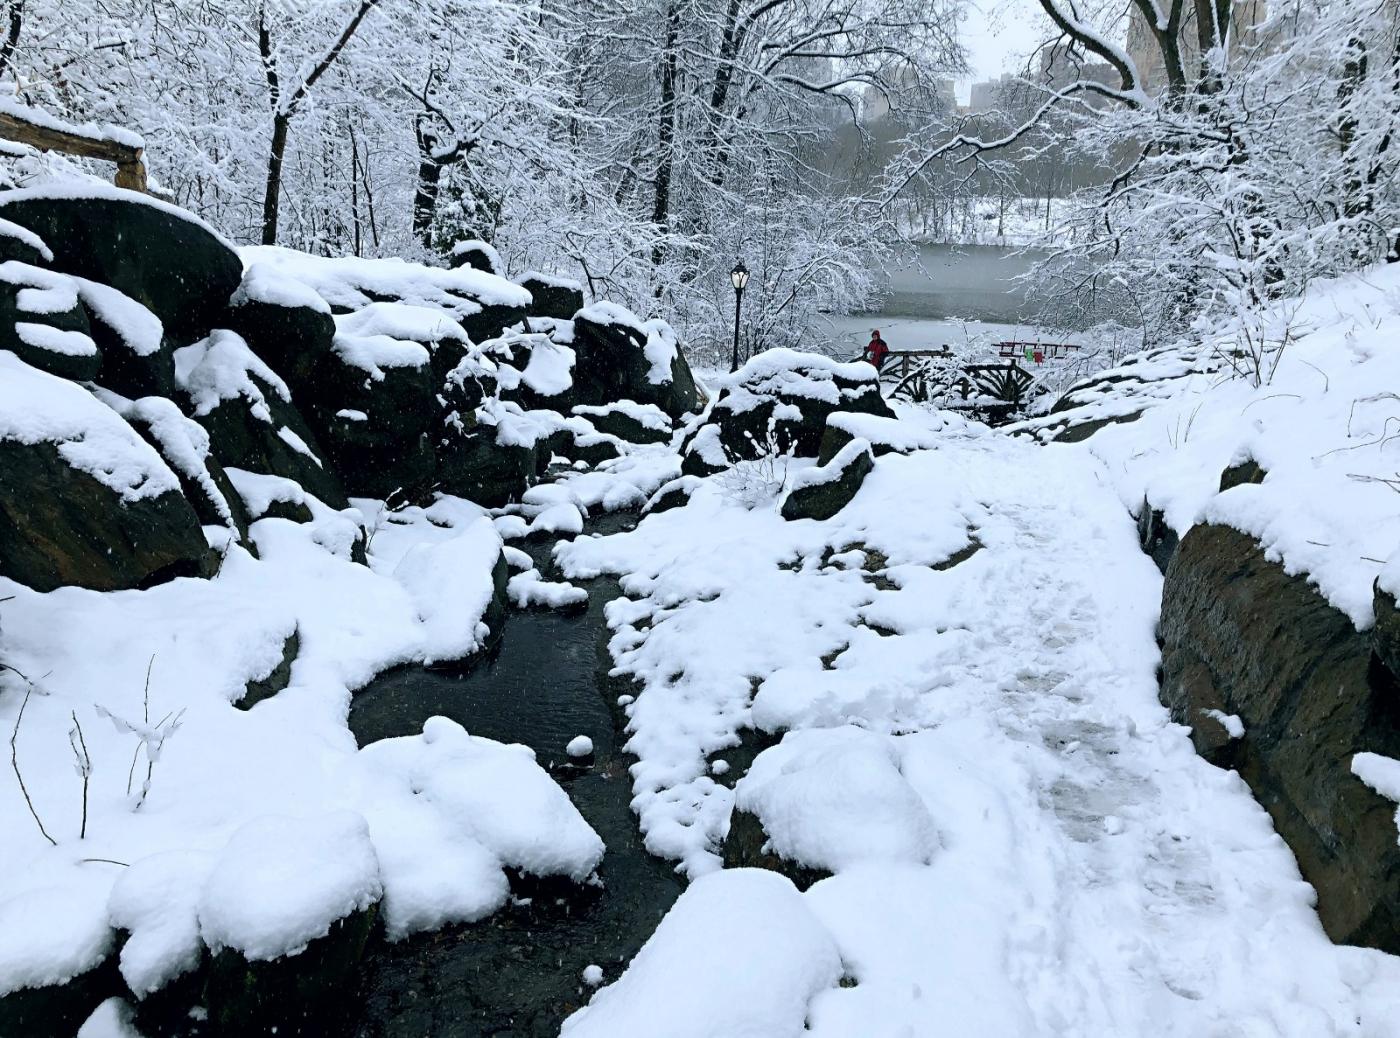 【田螺手机摄影】在纽约市拍雪景、还是中央公园最漂亮_图1-10